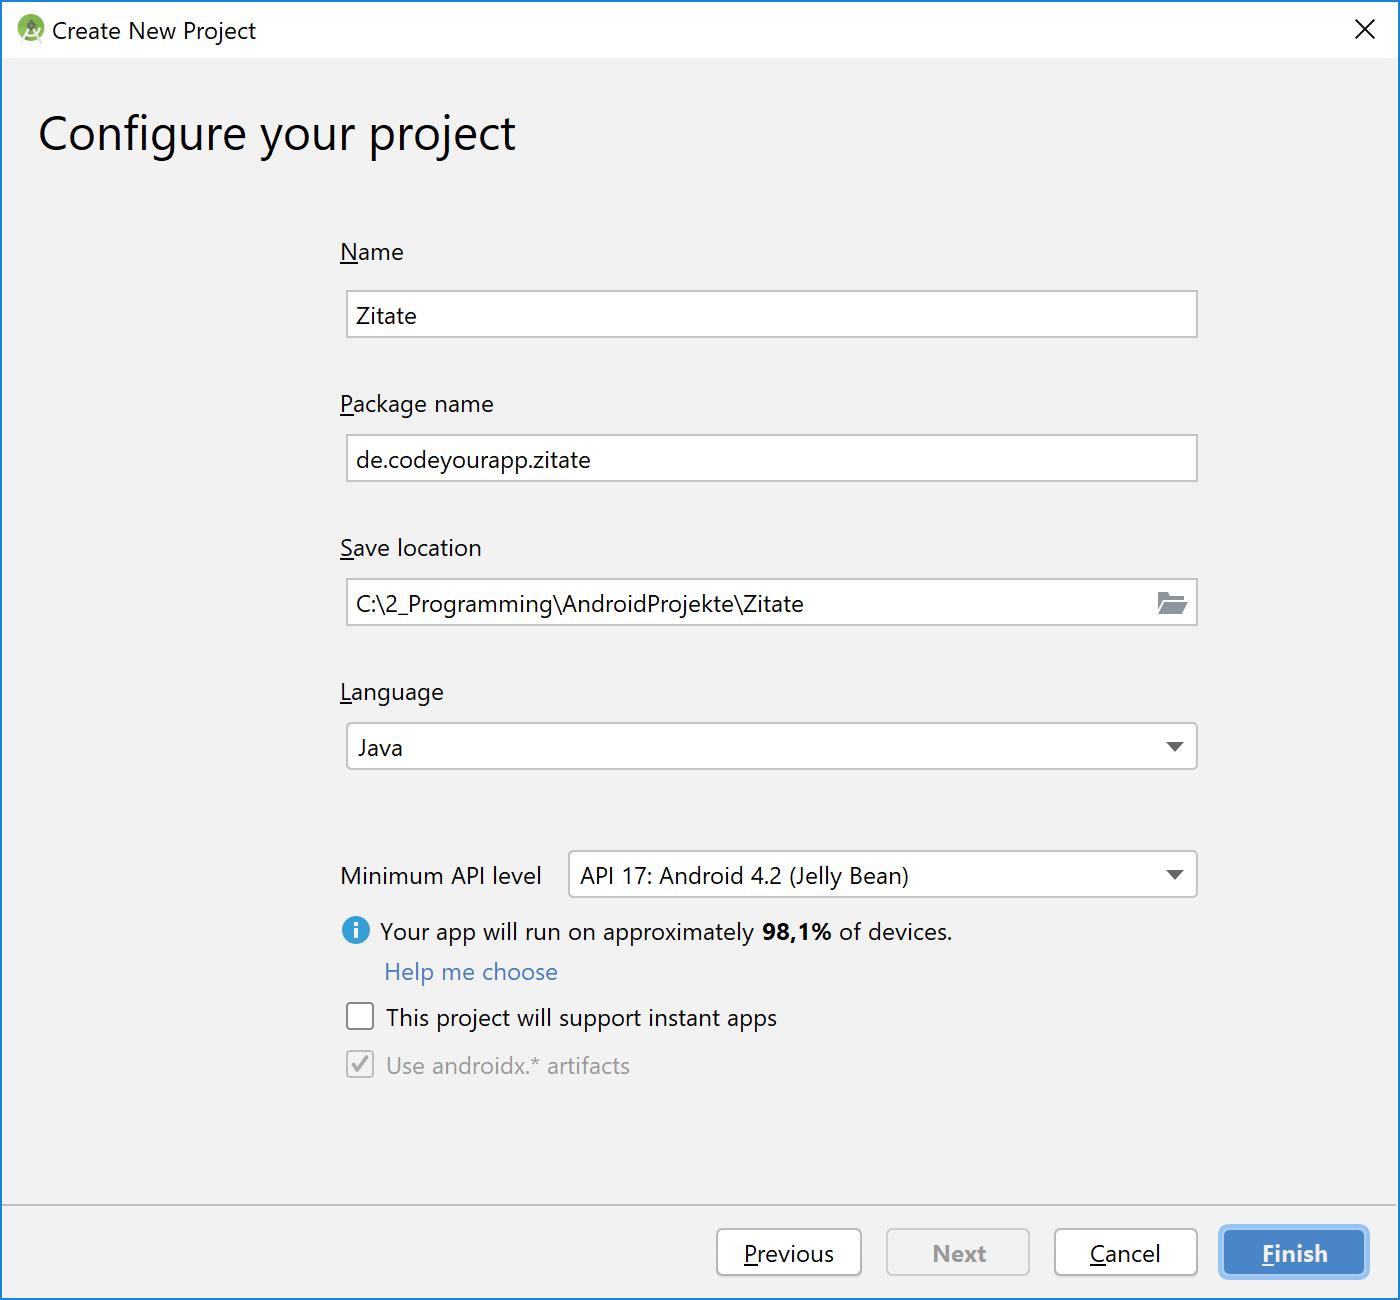 neues_projekt_konfigurieren